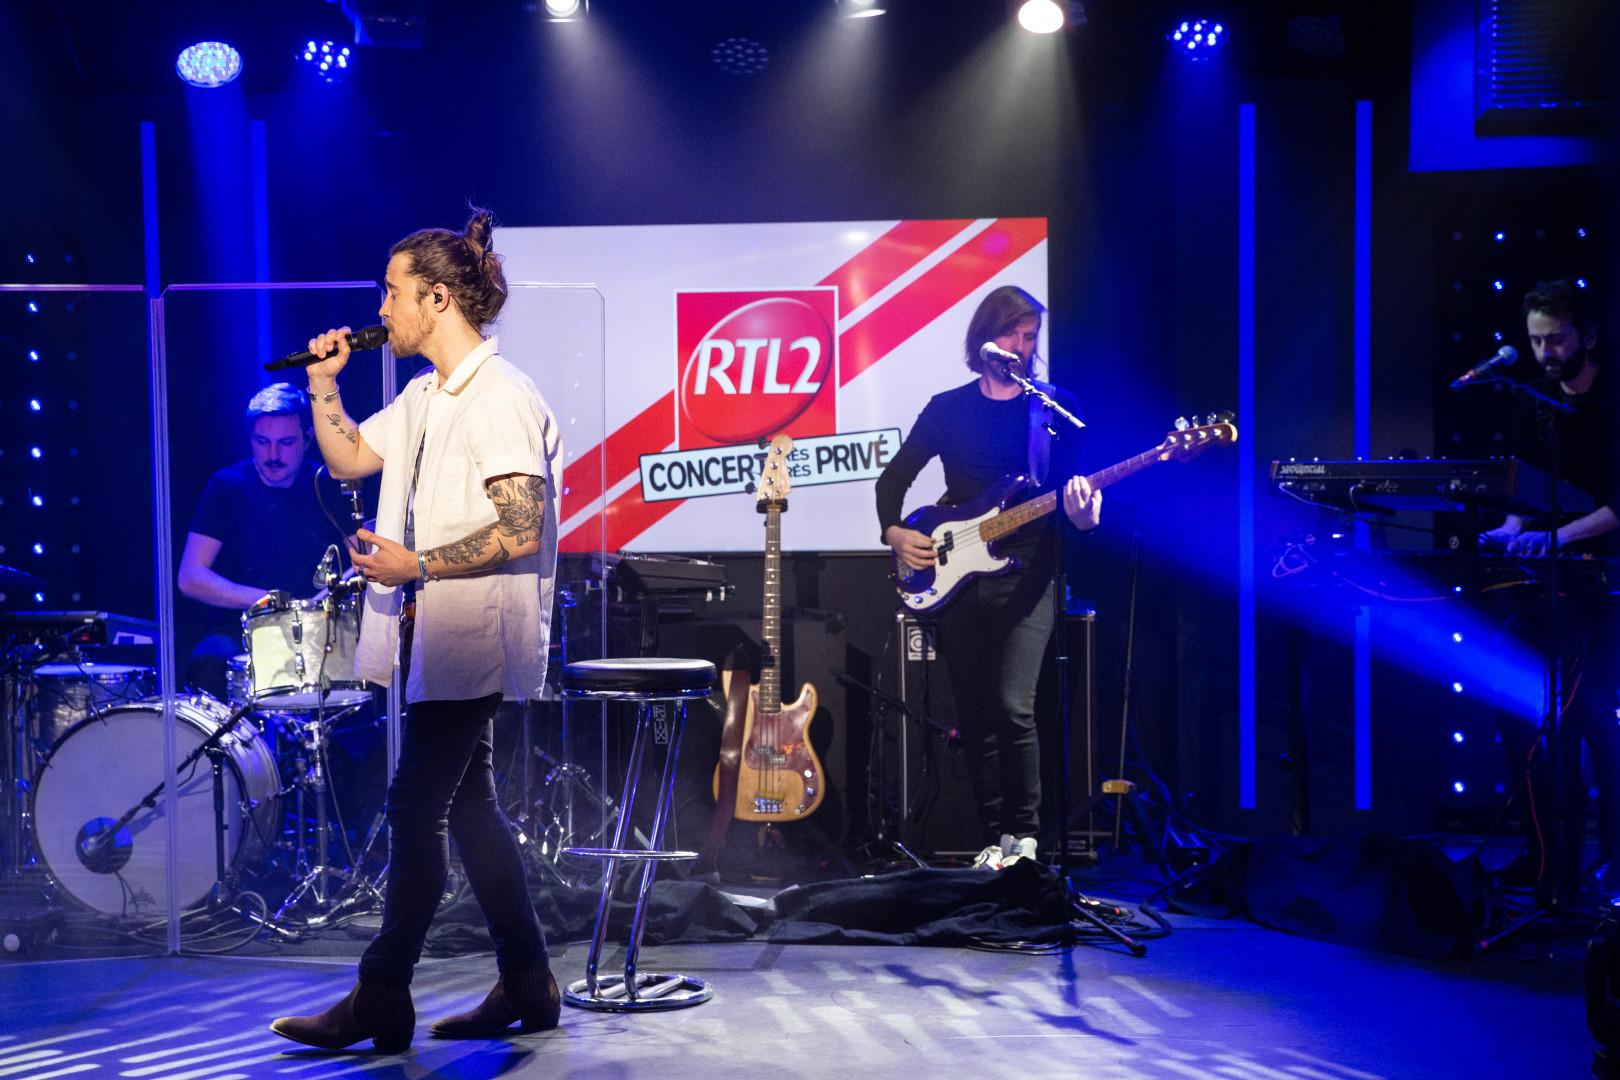 Julien Doré en Concert Très Très Privé RTL2 (05/02.21)